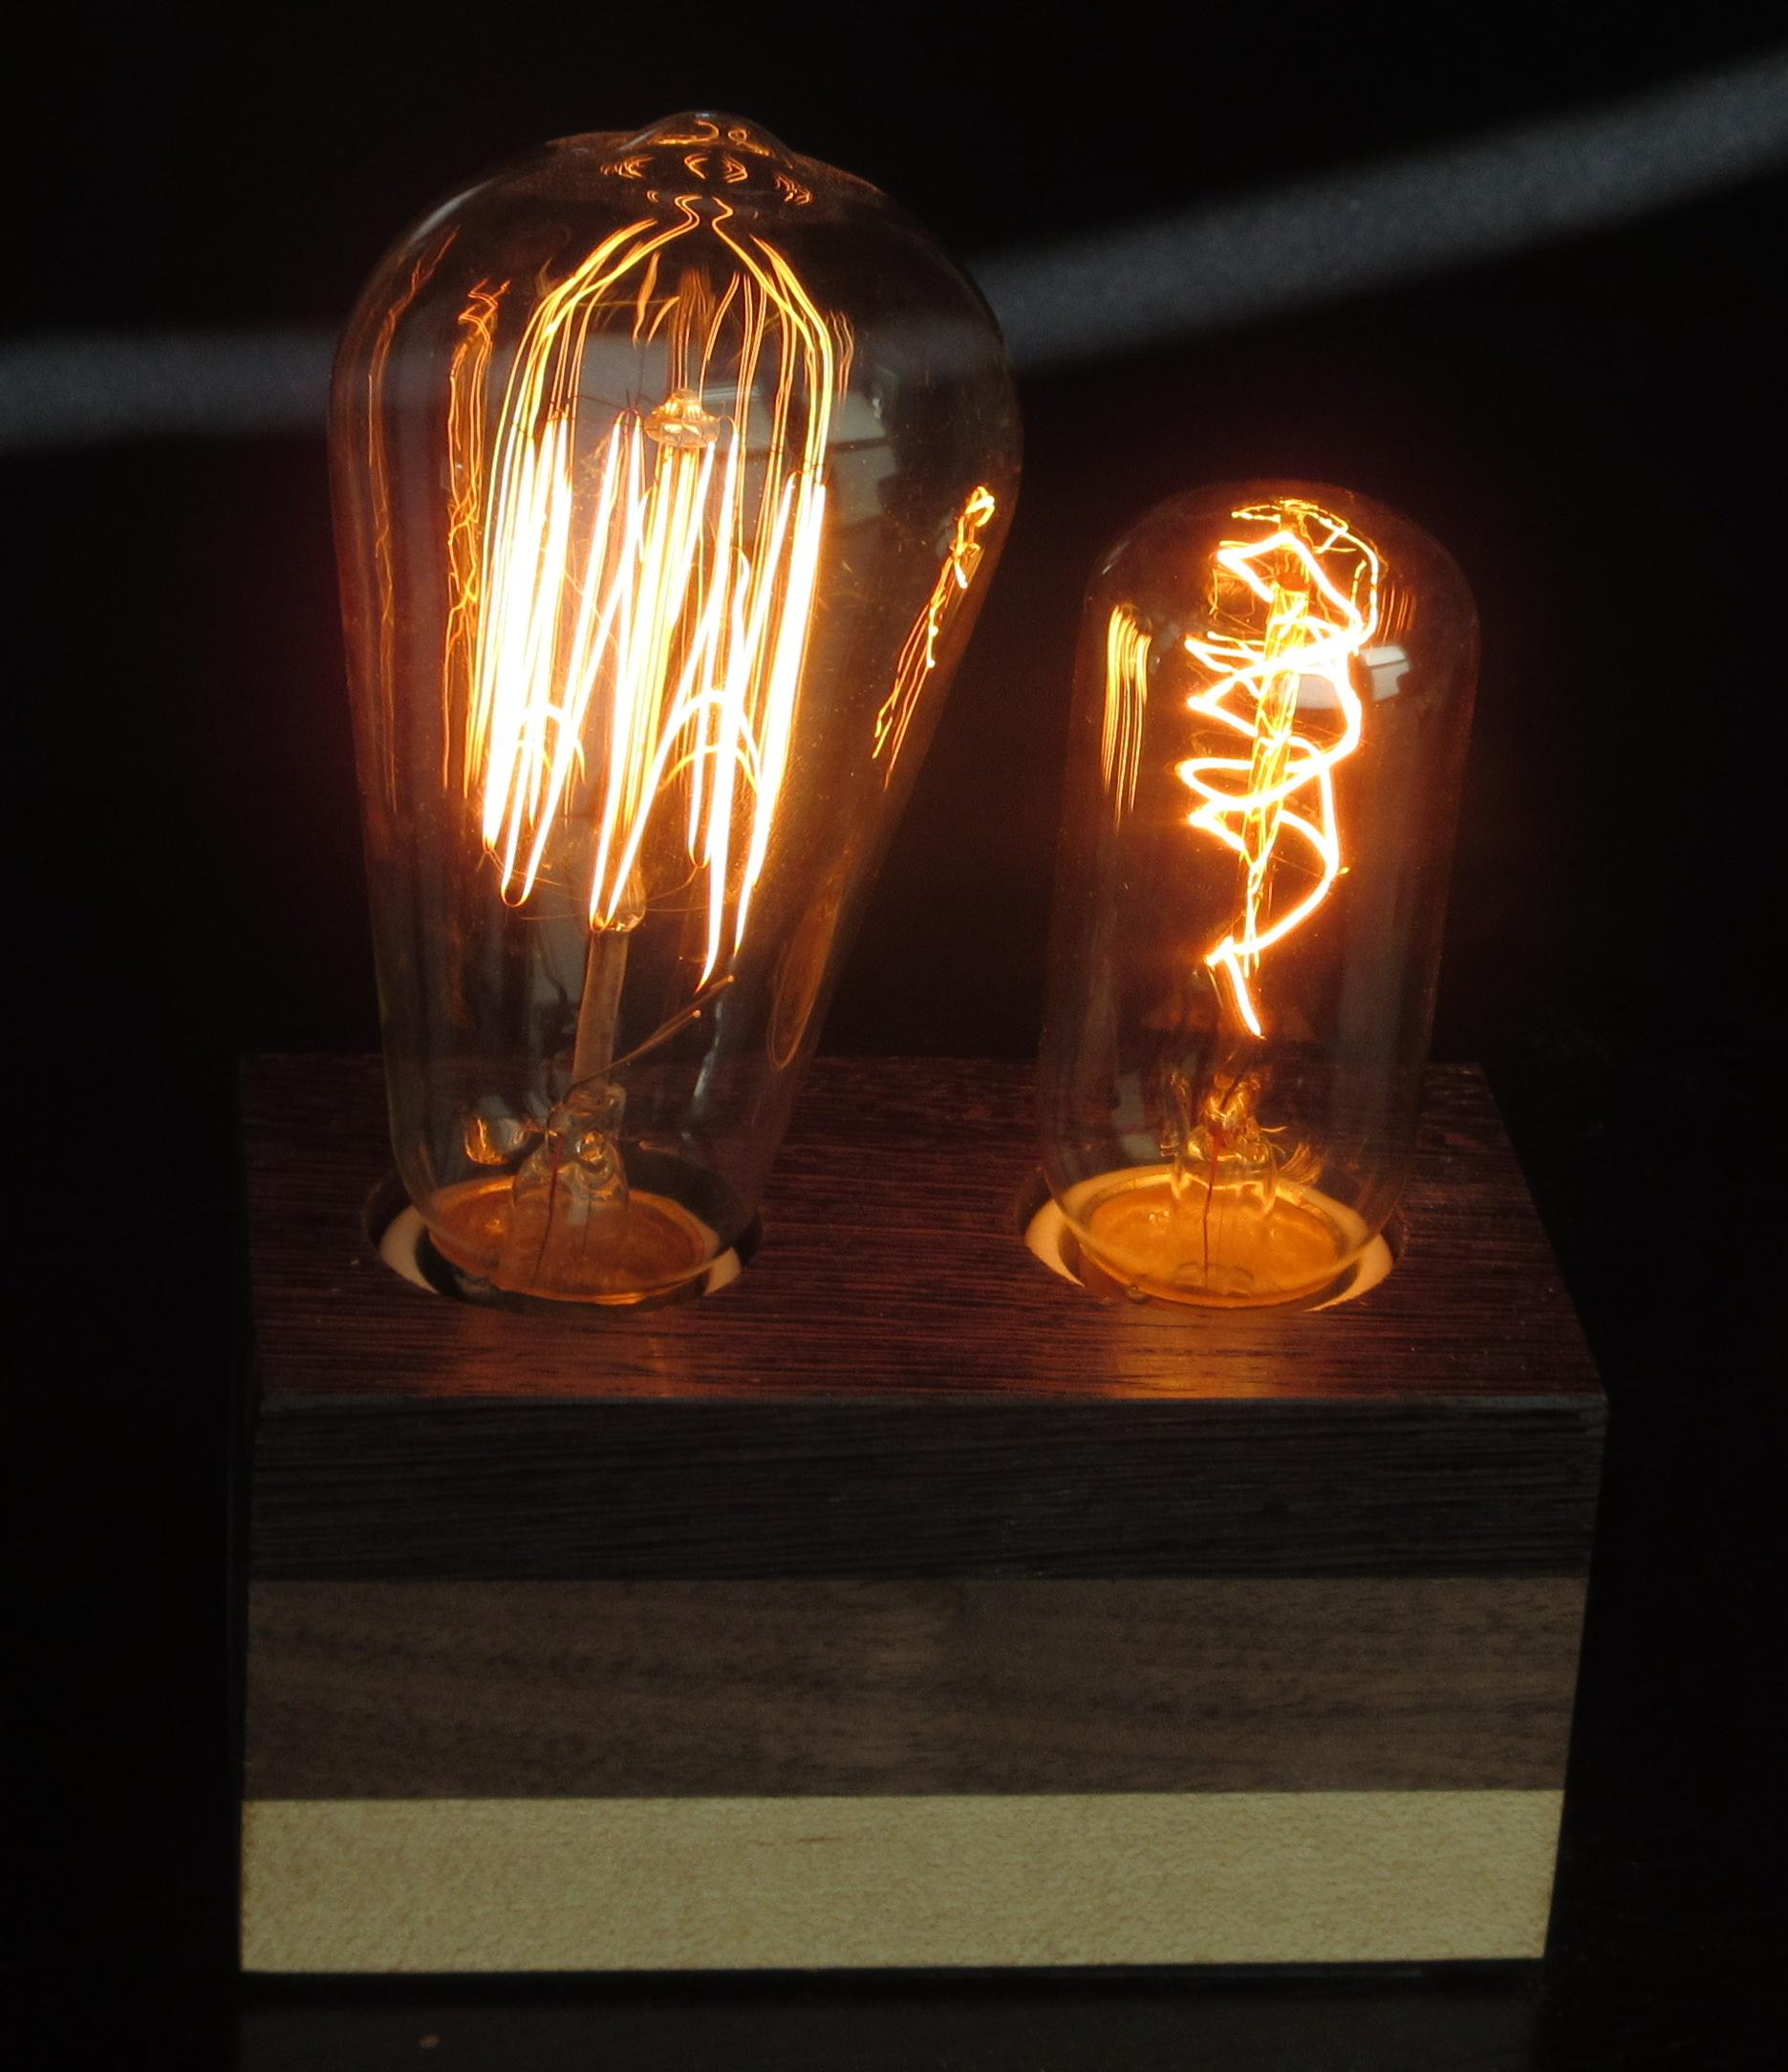 Wenge, Walnut, & Maple - 2 lamps